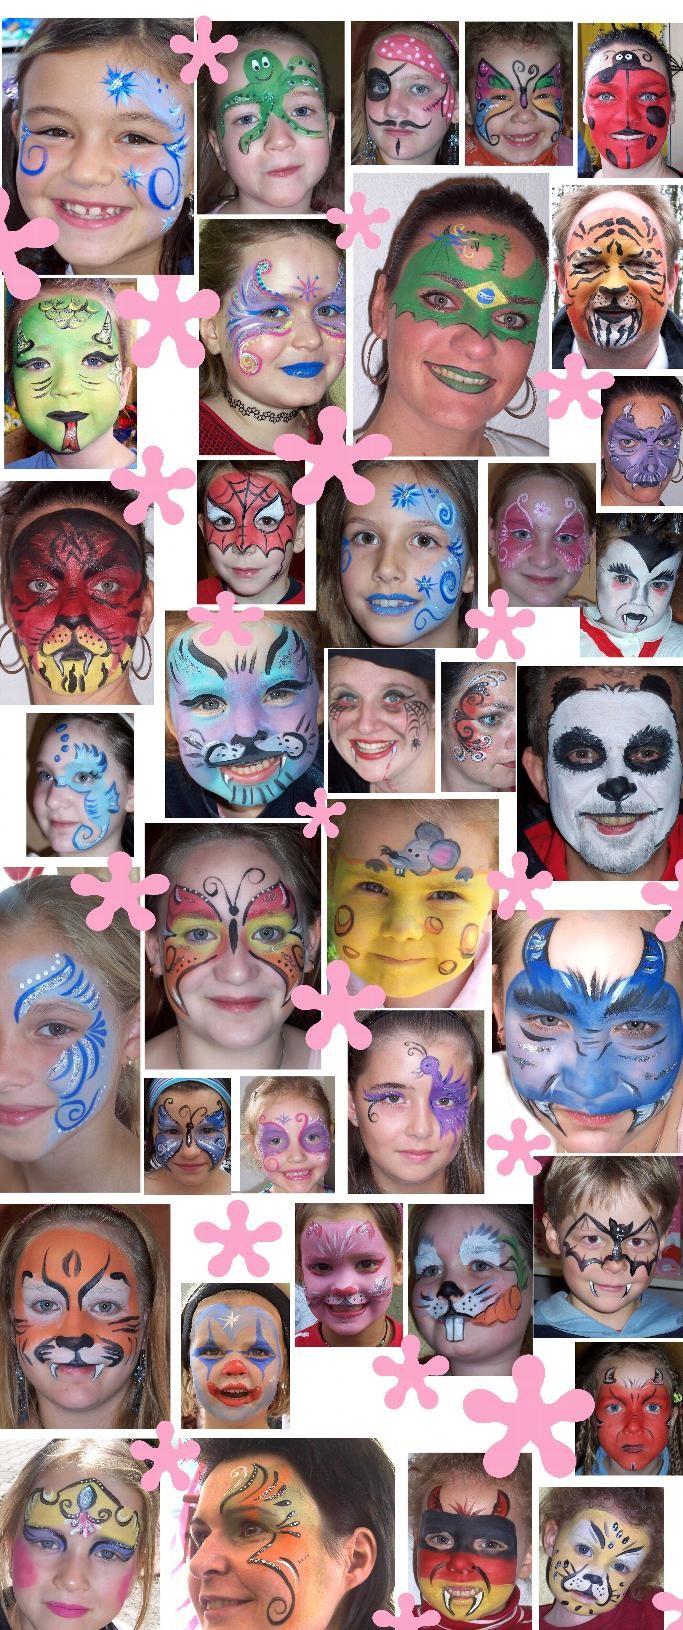 Kinderschminken der neuen Generation in Paderborn und Umgebung! Das gabs noch nie: beste Materialien und gut aussehende Damen schminken ihre Kinder auf jedem Event zum glücklich sein! Faire Preise und noch viel Service gibts dazu rundet das Angebot ab.